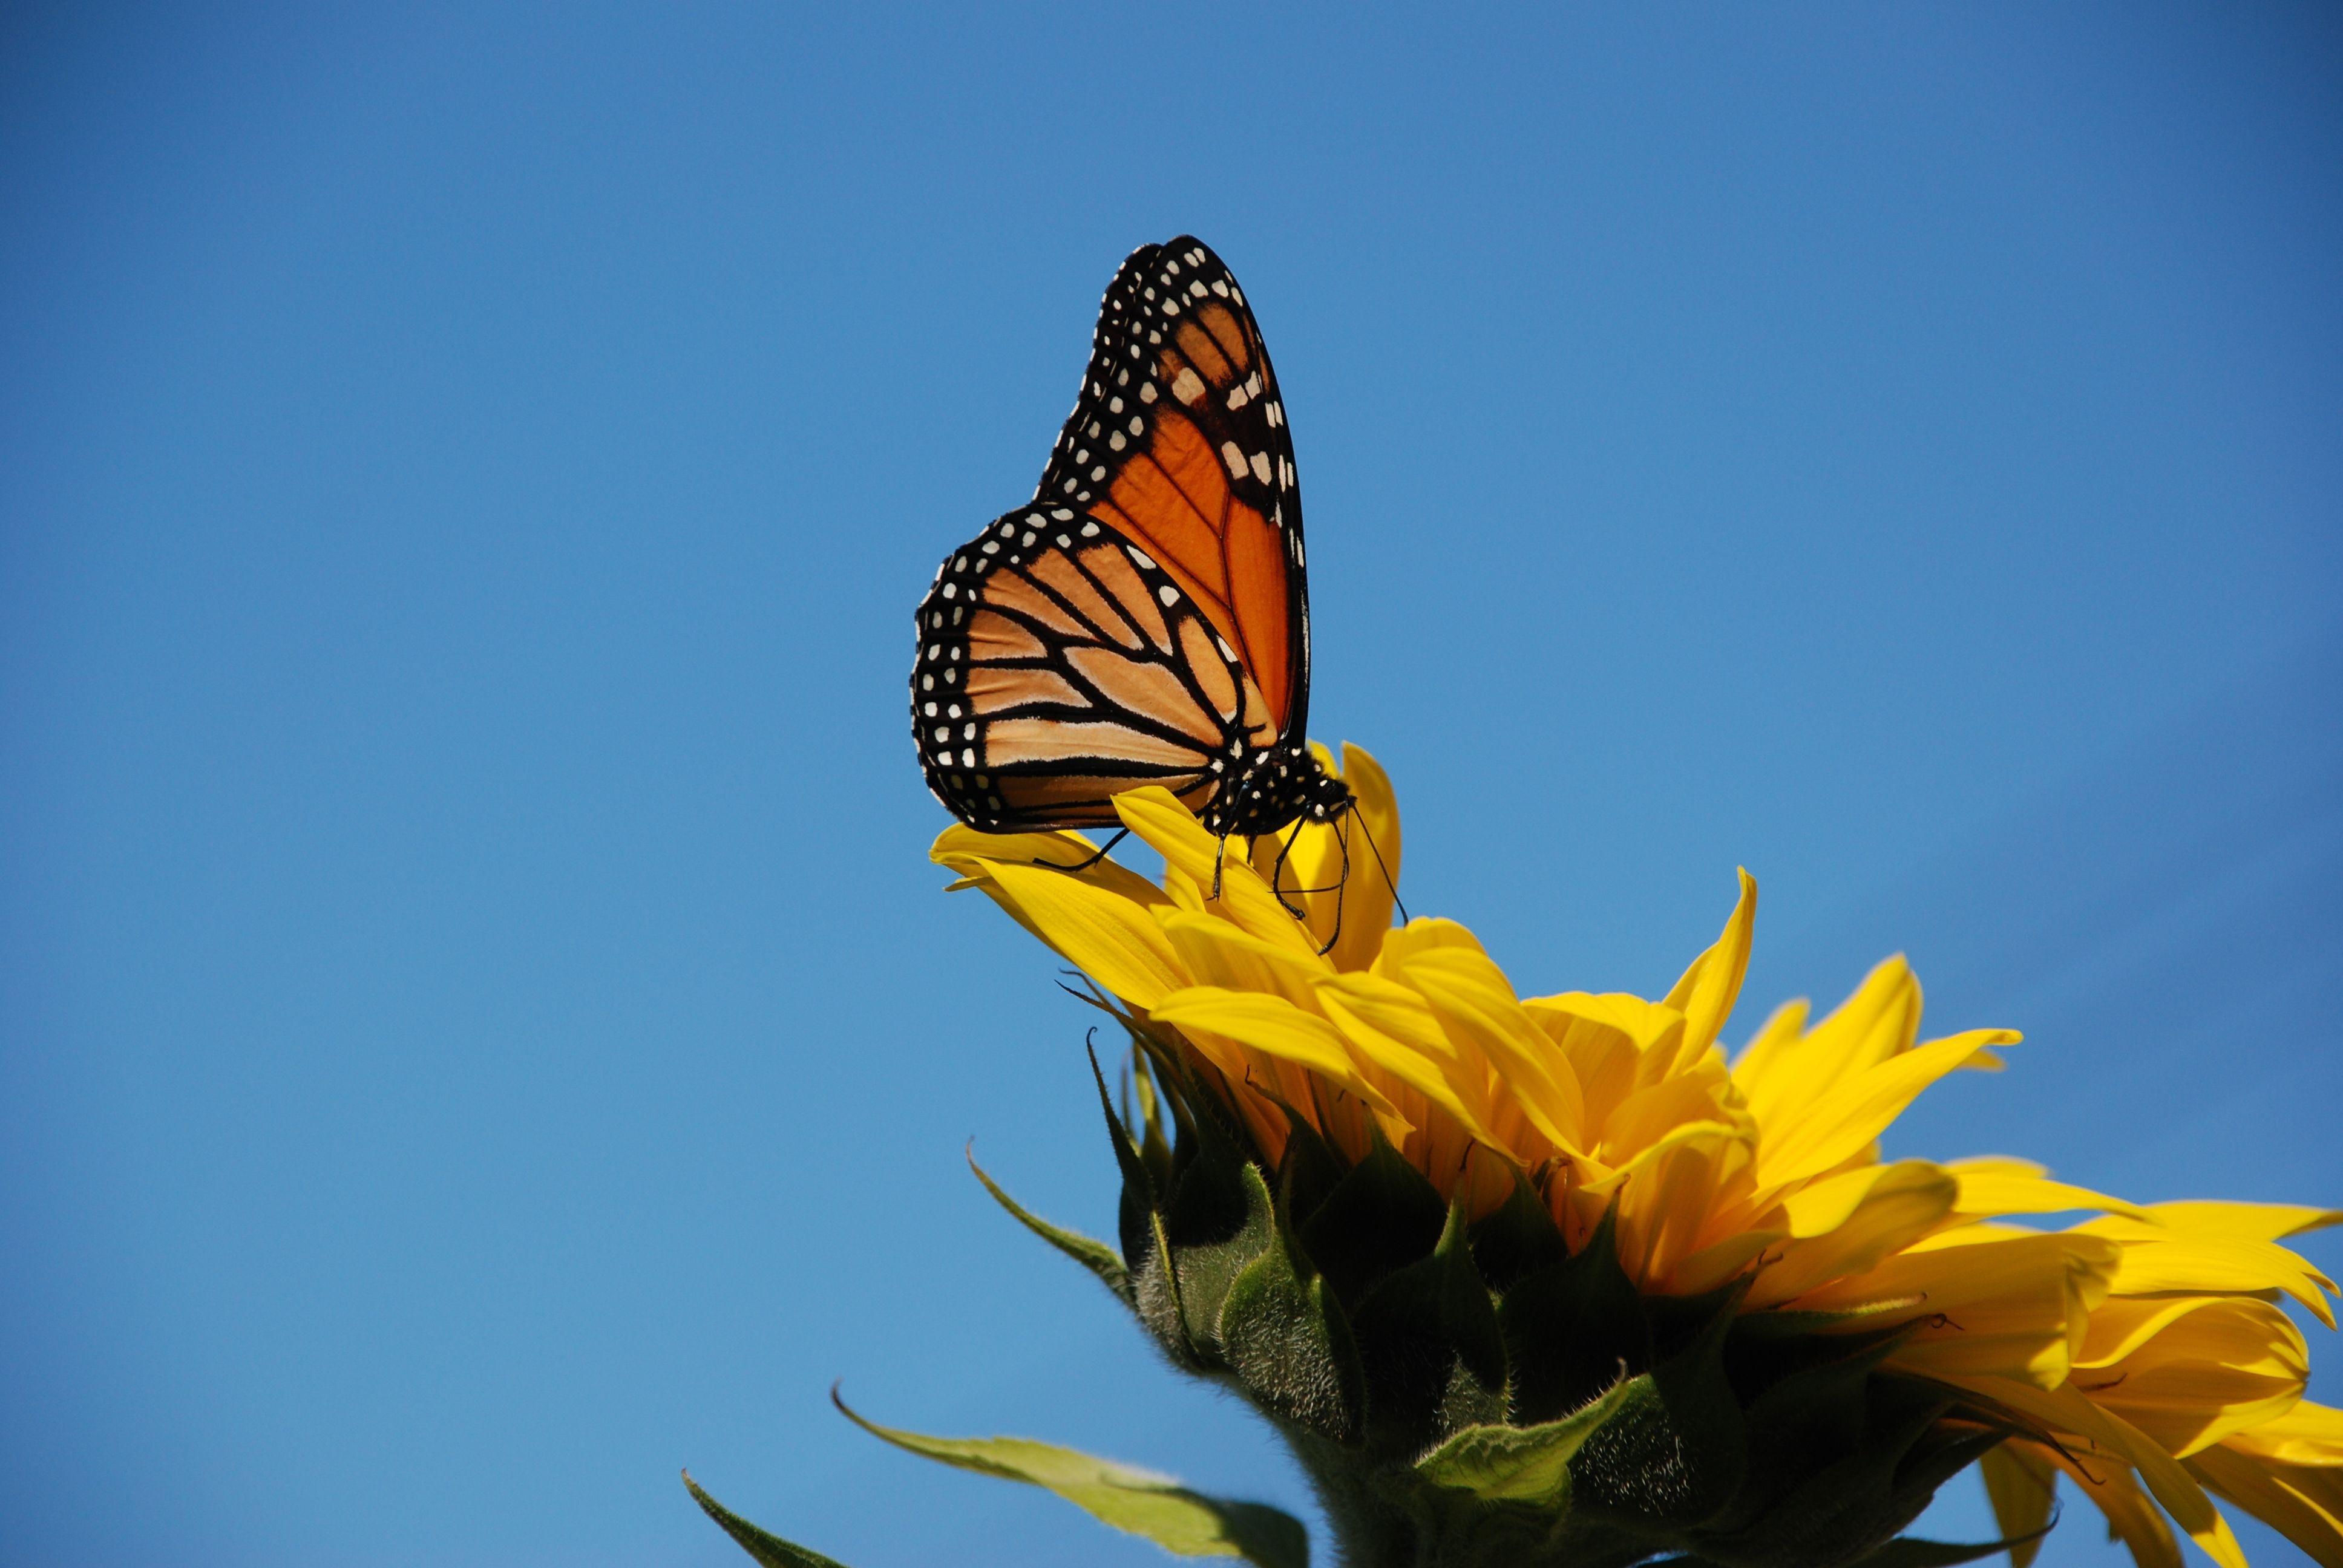 butterfly on sunflower wallpaper desktop free | Butterfly ...